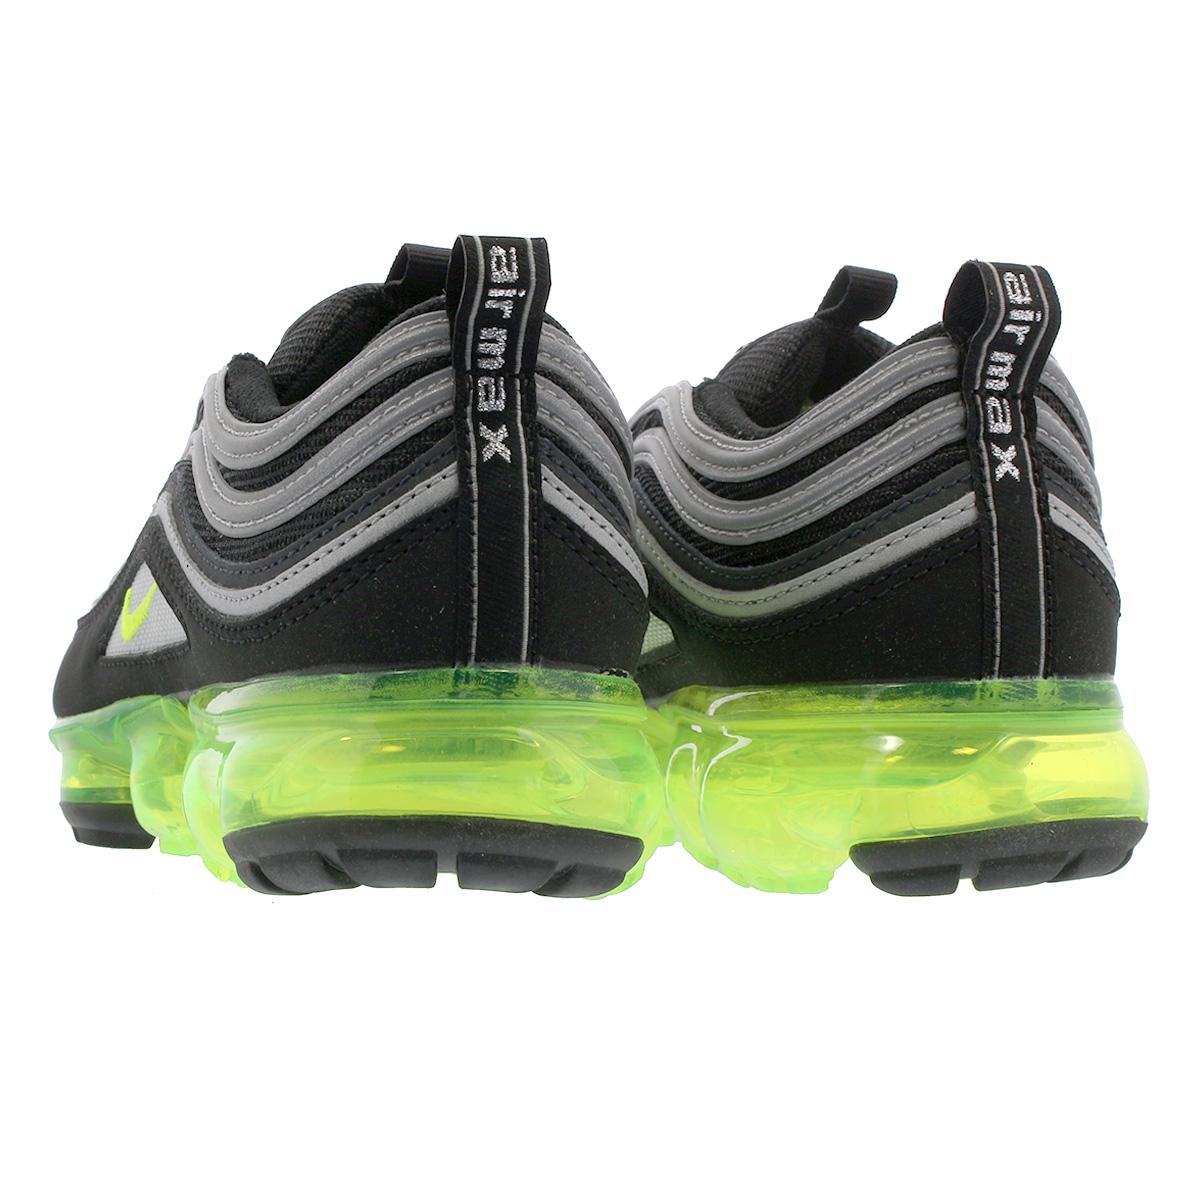 69c0dd39990 NIKE AIR VAPORMAX 97 GS Nike air vapor max 97 GS BLACK VOLT METALLIC SILVER  WHITE aq2657-002